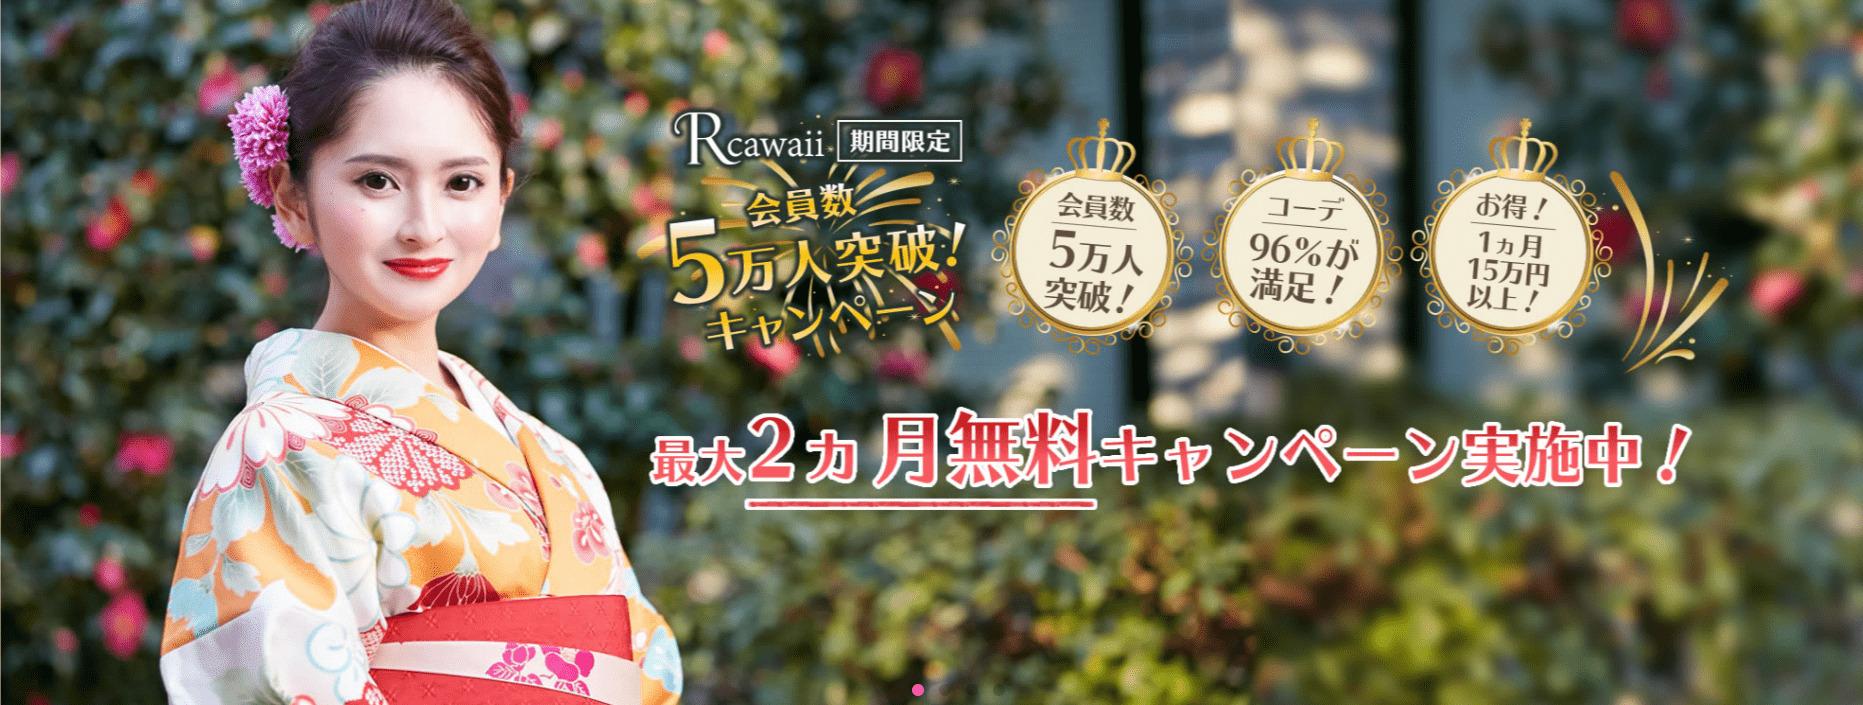 ファッションのサブスクリプション「Rcawaii」が会員5万人突破